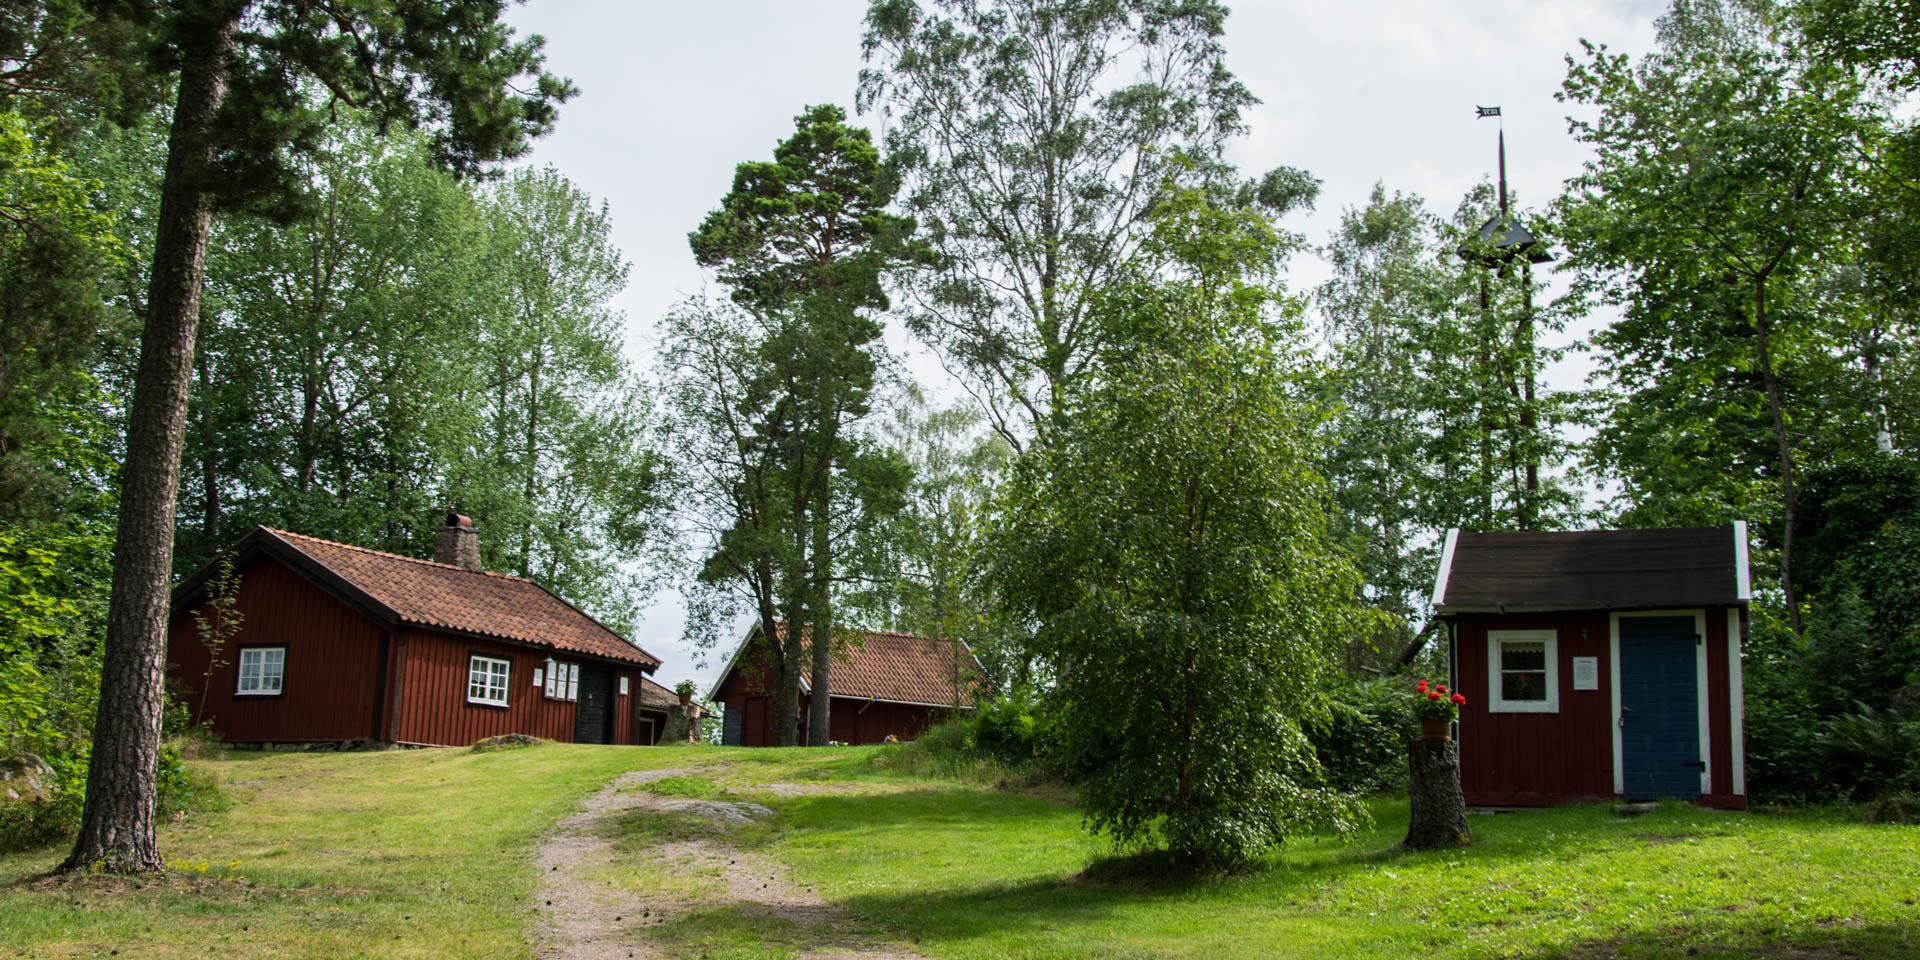 Mörlunda-Tveta Hembygdsgård 2017